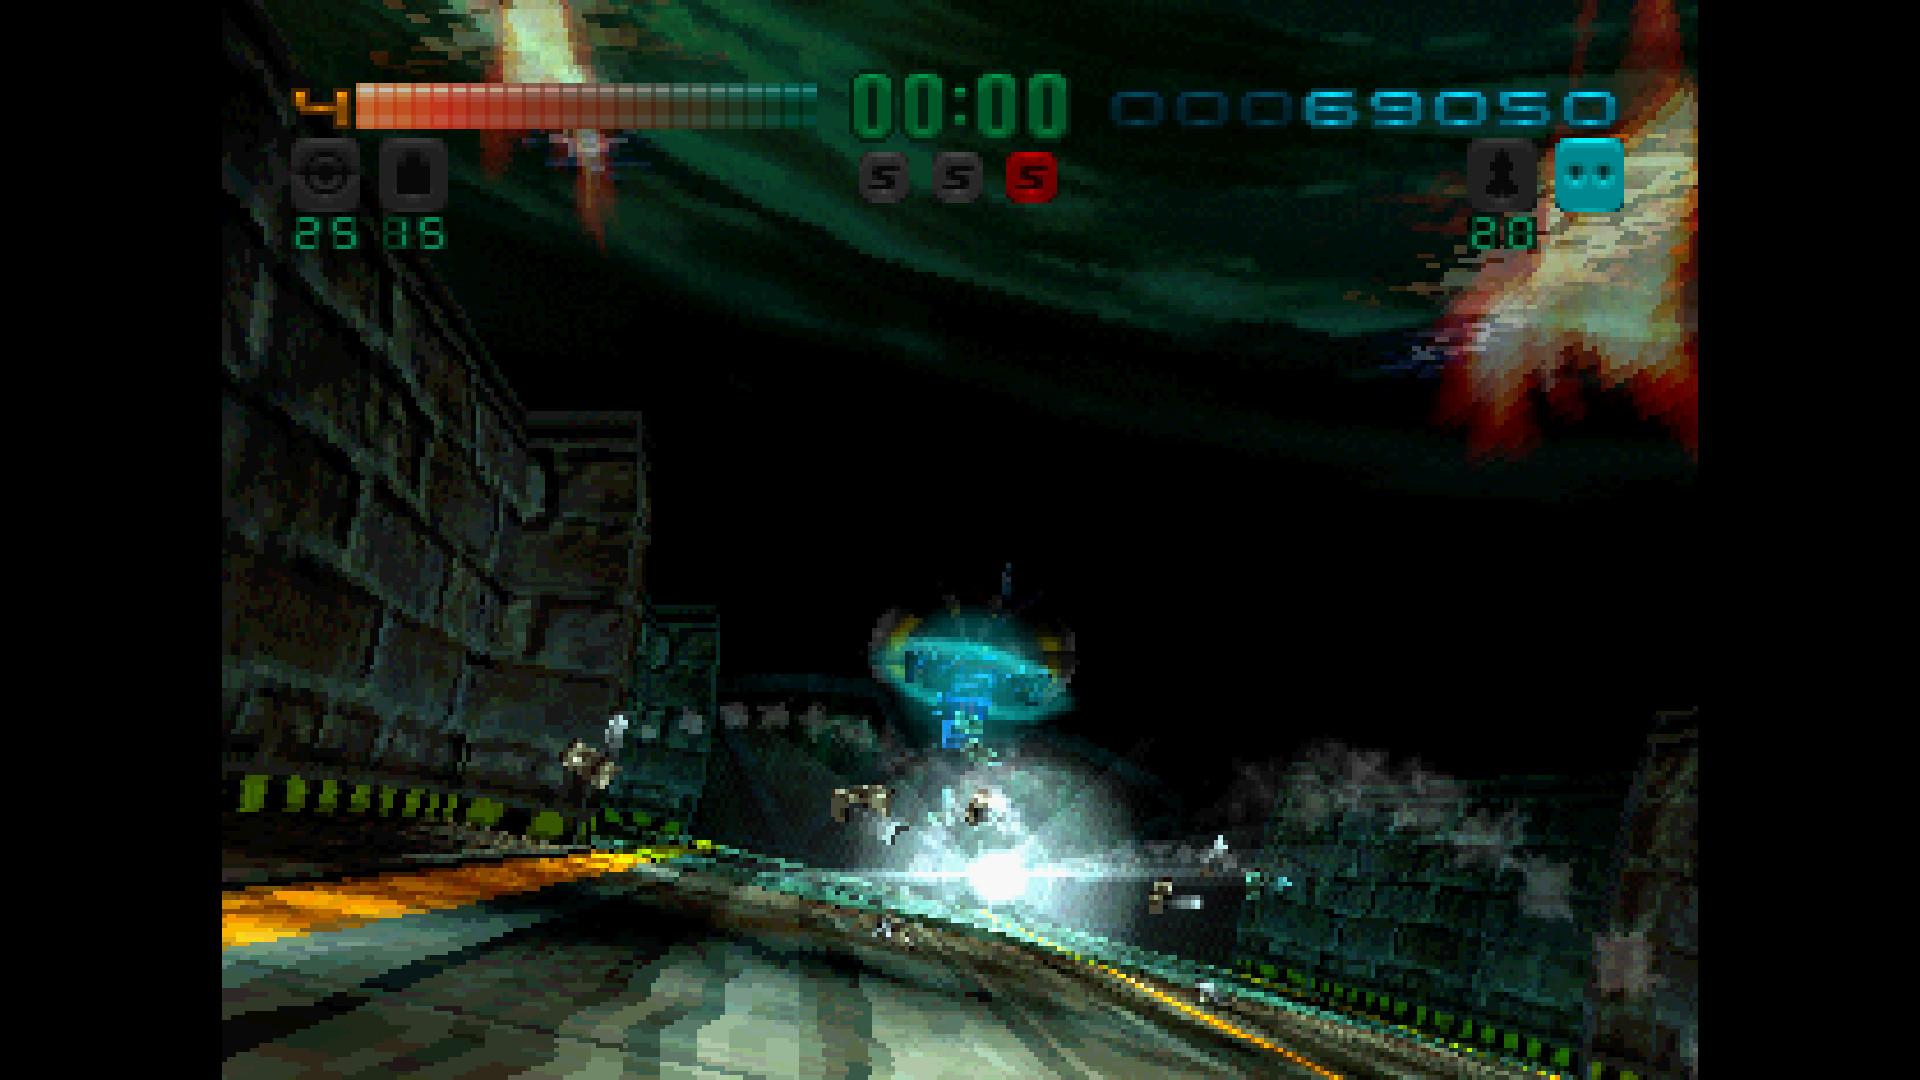 com.steam.814600-screenshot